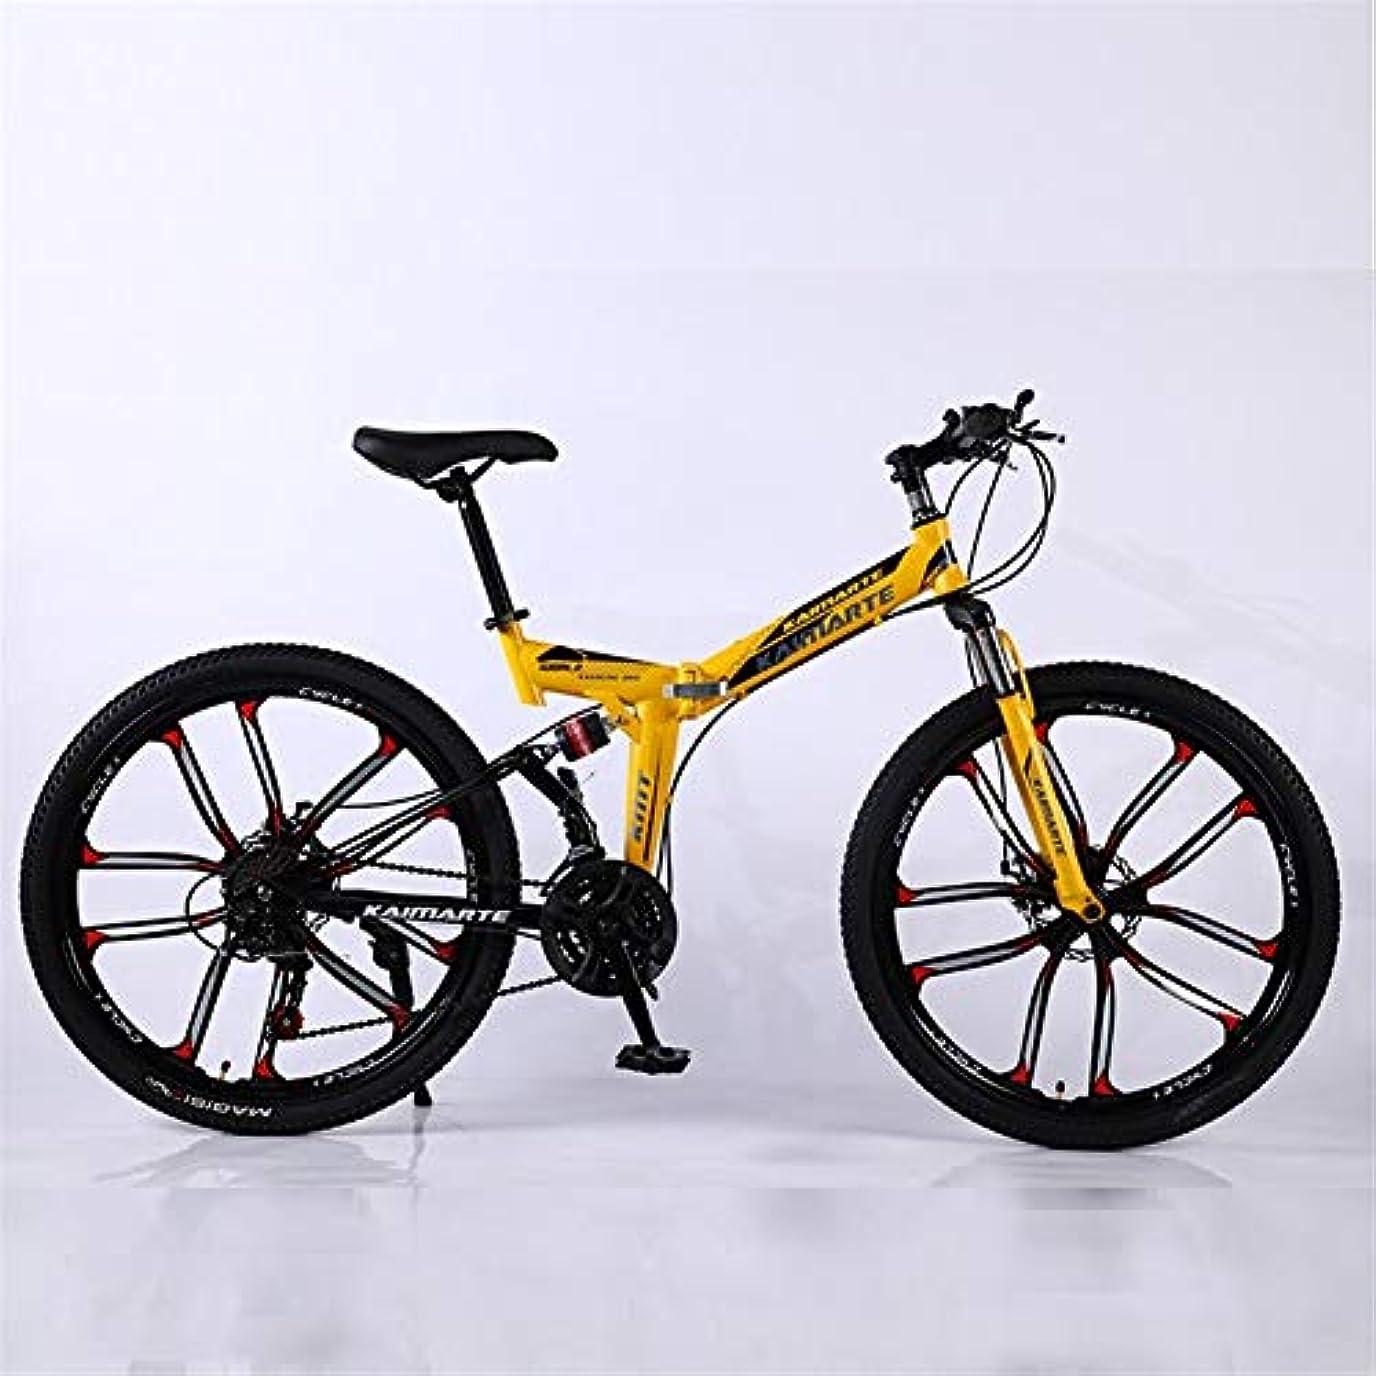 特権的手荷物浅いZHTX ロードバイクレーシング自転車折り畳み式の自転車マウンテンバイク26インチスチール21/24/27/30スピードがデュアルディスクブレーキ自転車 (Color : Yellow, Size : Ten cutter wheels)